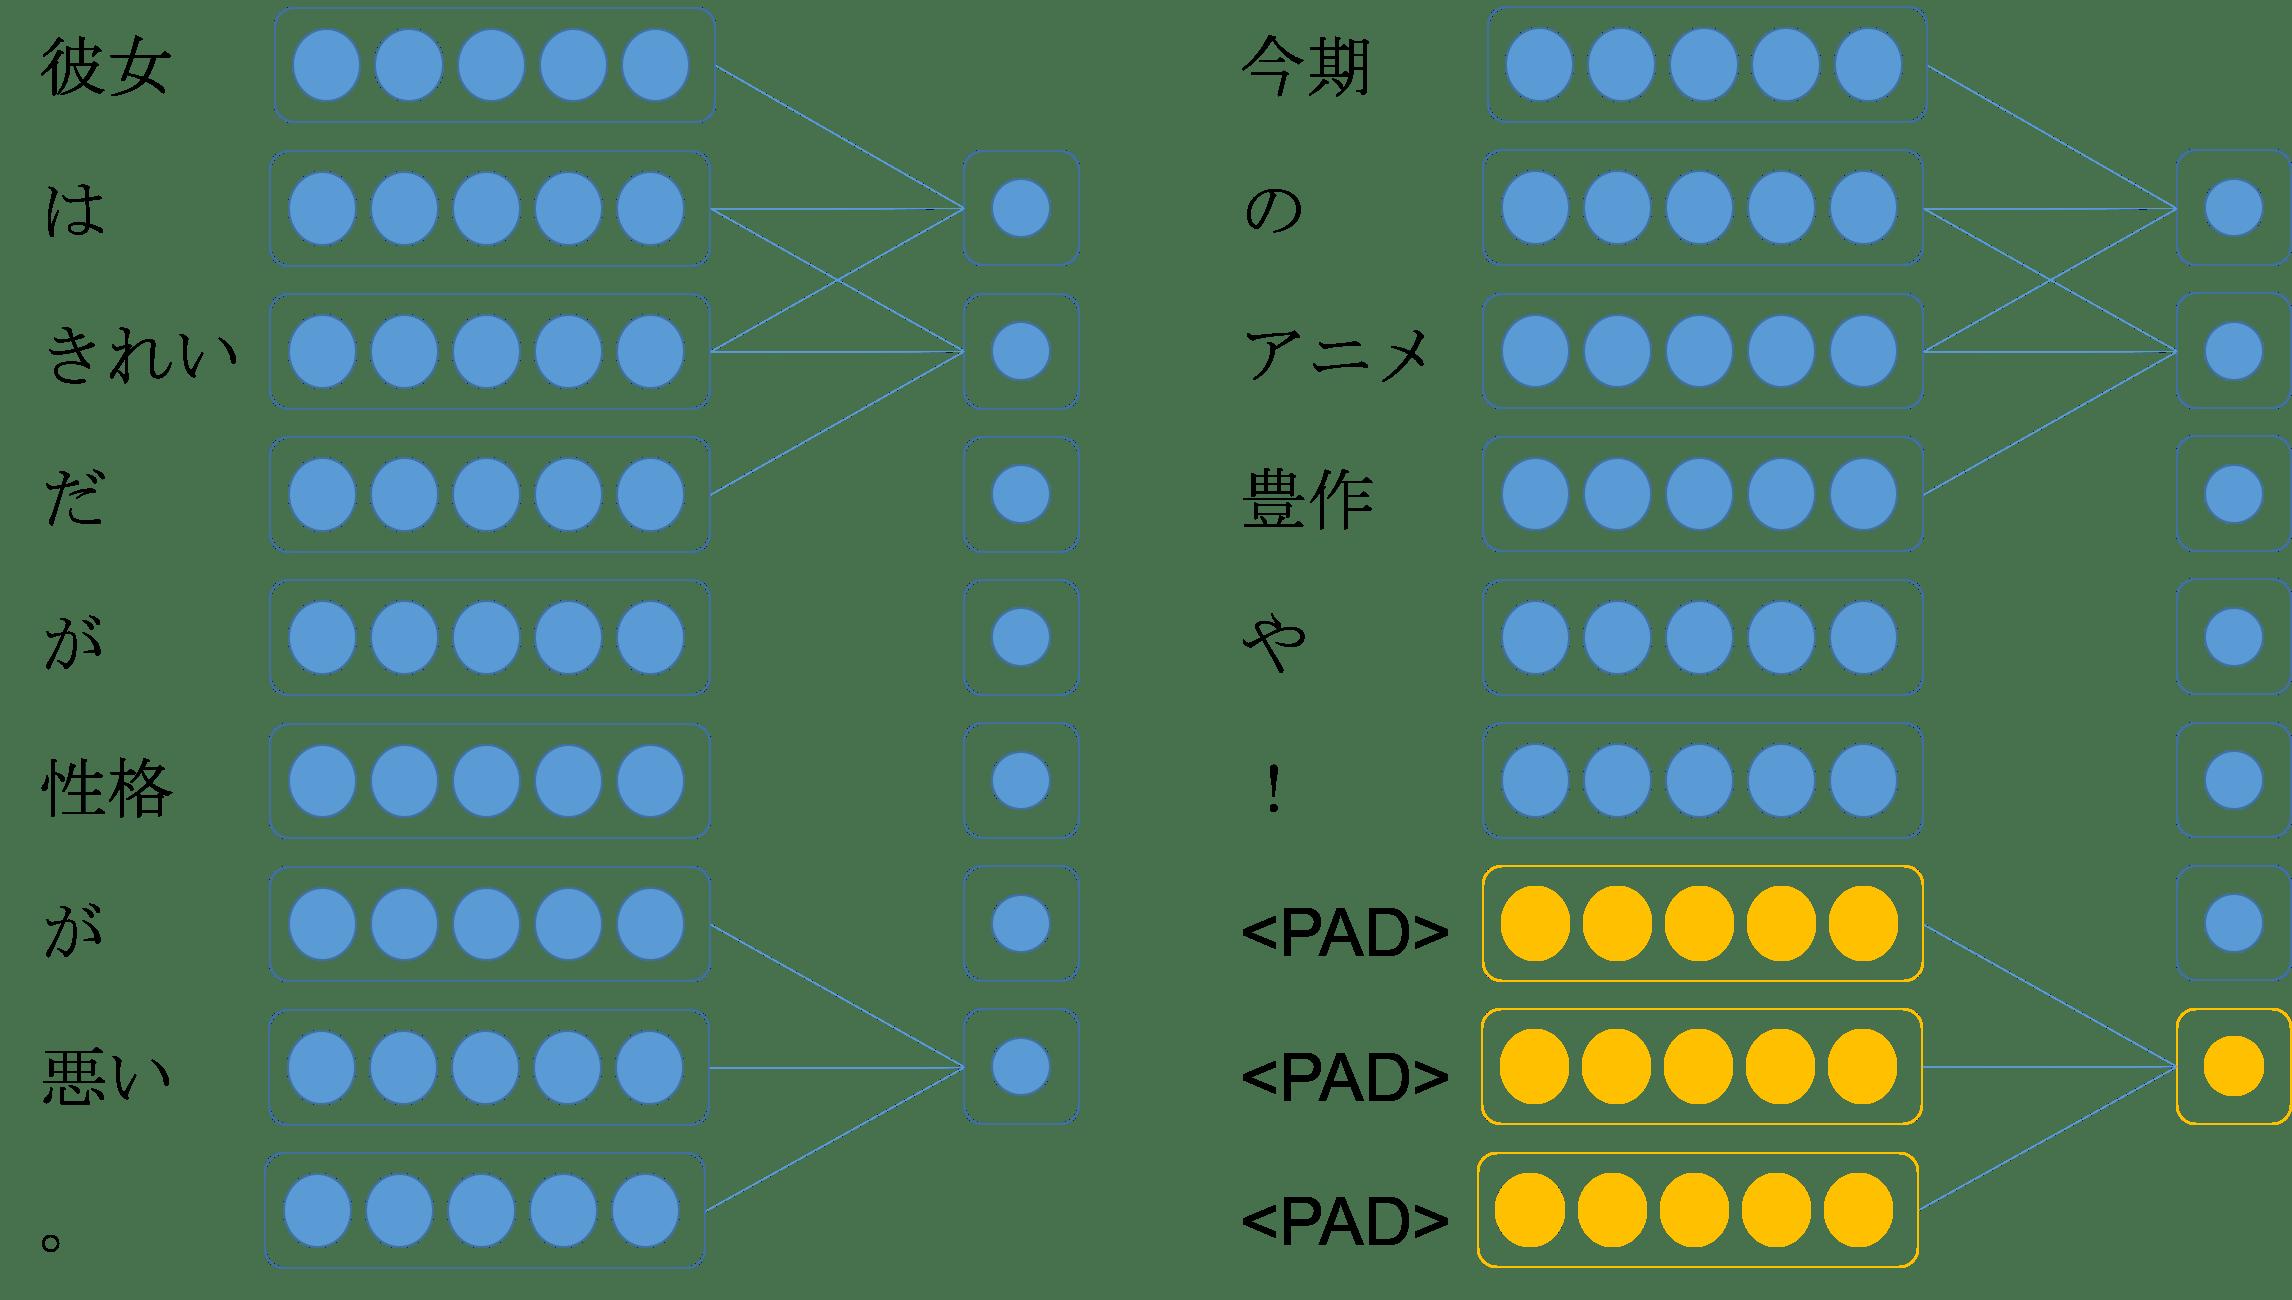 パディング例.png